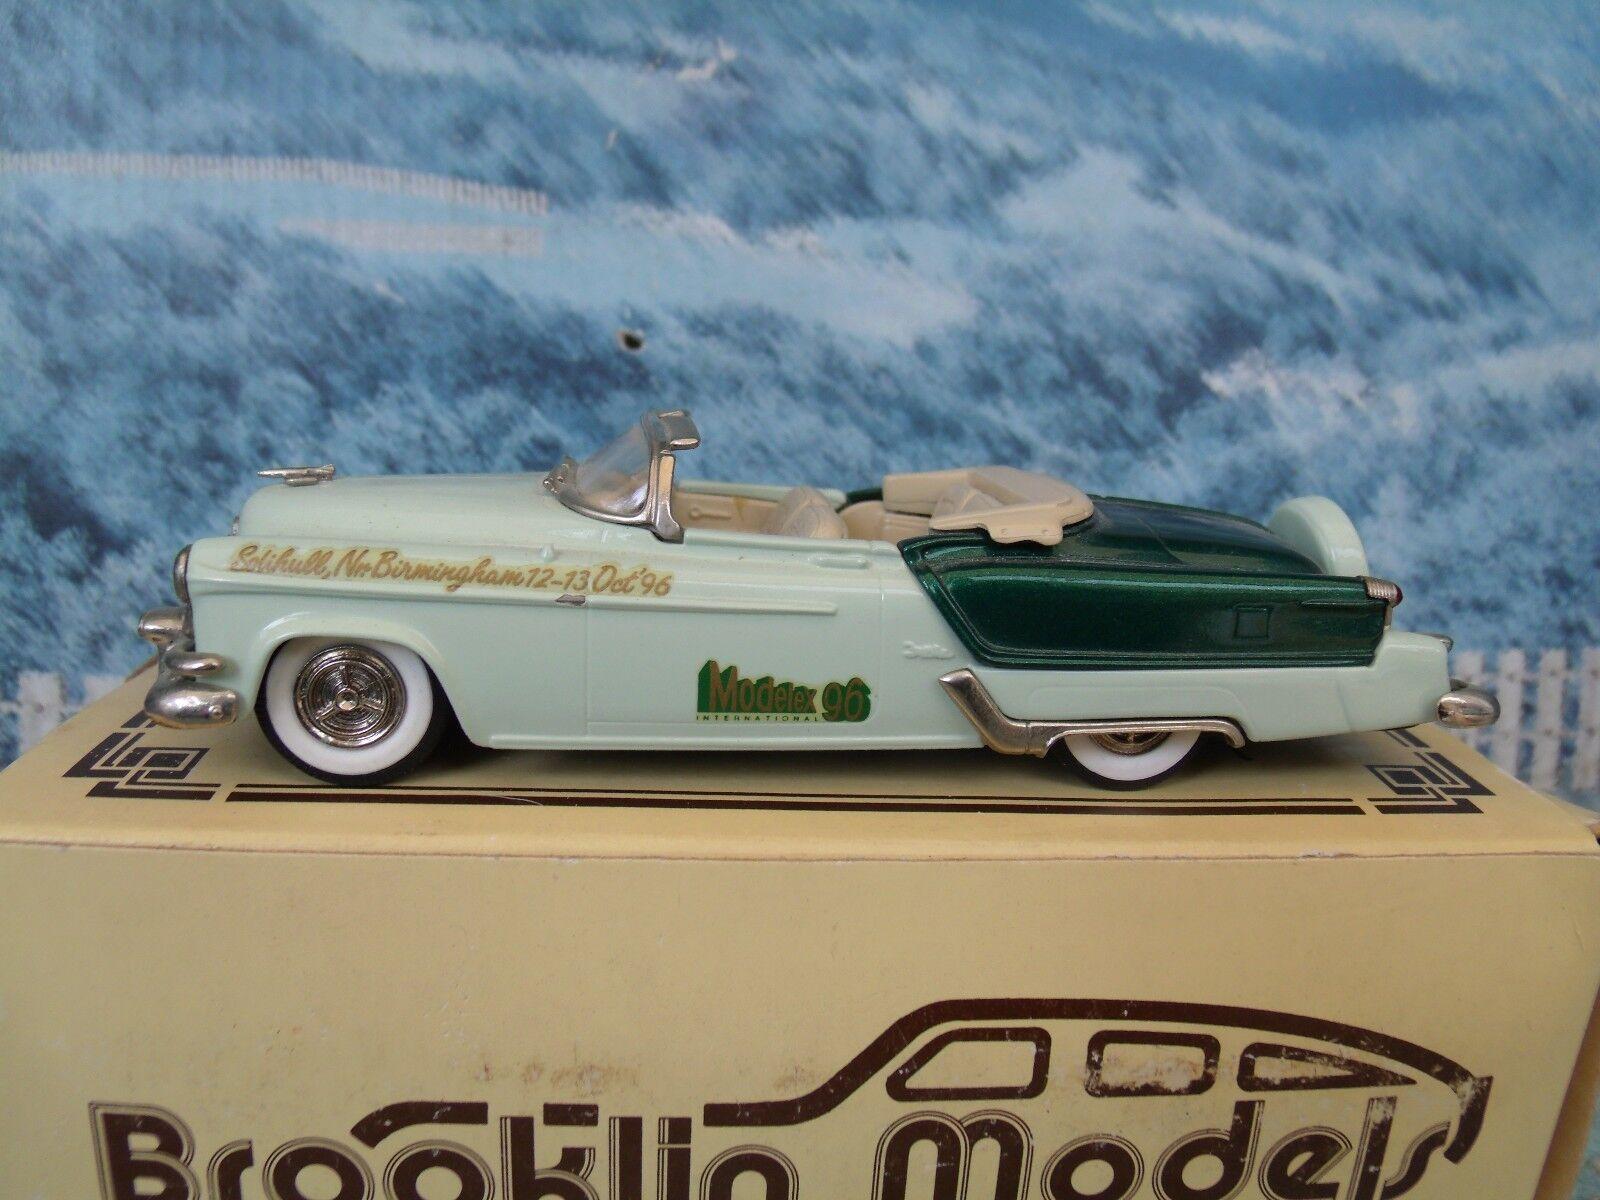 migliore qualità 1 43 Brooklin modellolos  1953 1953 1953 Oldsmobile Fiesta modelloex 1996 BRK39x  bianca metal  nuova esclusiva di fascia alta